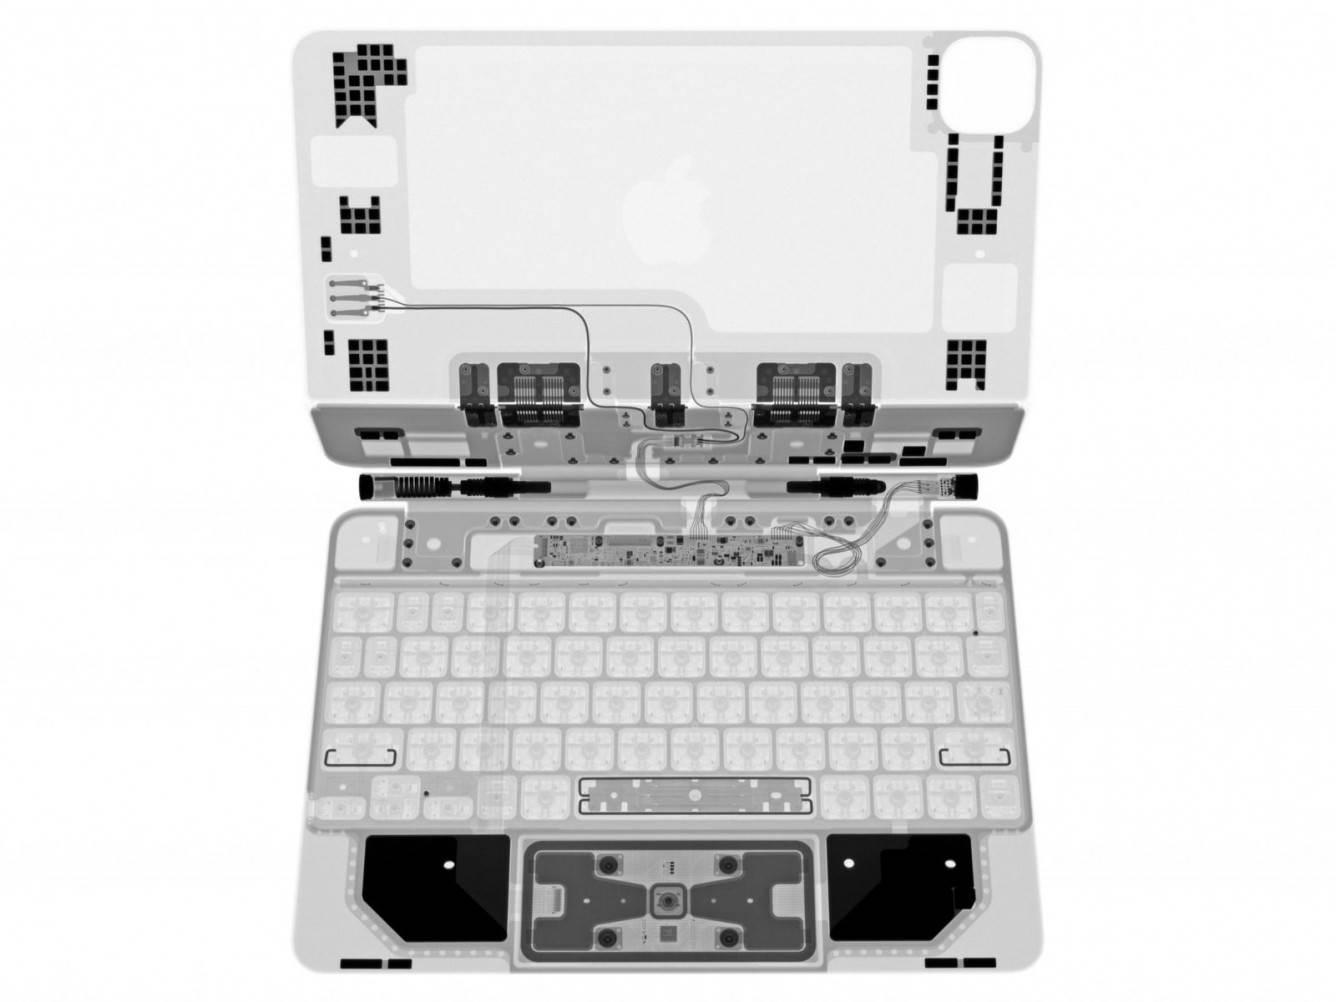 Magic Keyboard z gładzikiem dla iPad Pro prześwietlona przez iFixit polecane, ciekawostki Magic Keyboard z gładzikiem, Magic Keyboard, ifixit  We współpracy z Creative Electron specjaliści iFixit prześwietlili nową Magic Keyboard na iPada Pro i udostępnili zdjęcia wewnętrznych komponentów. ifixitipadpromagickeyboardxray